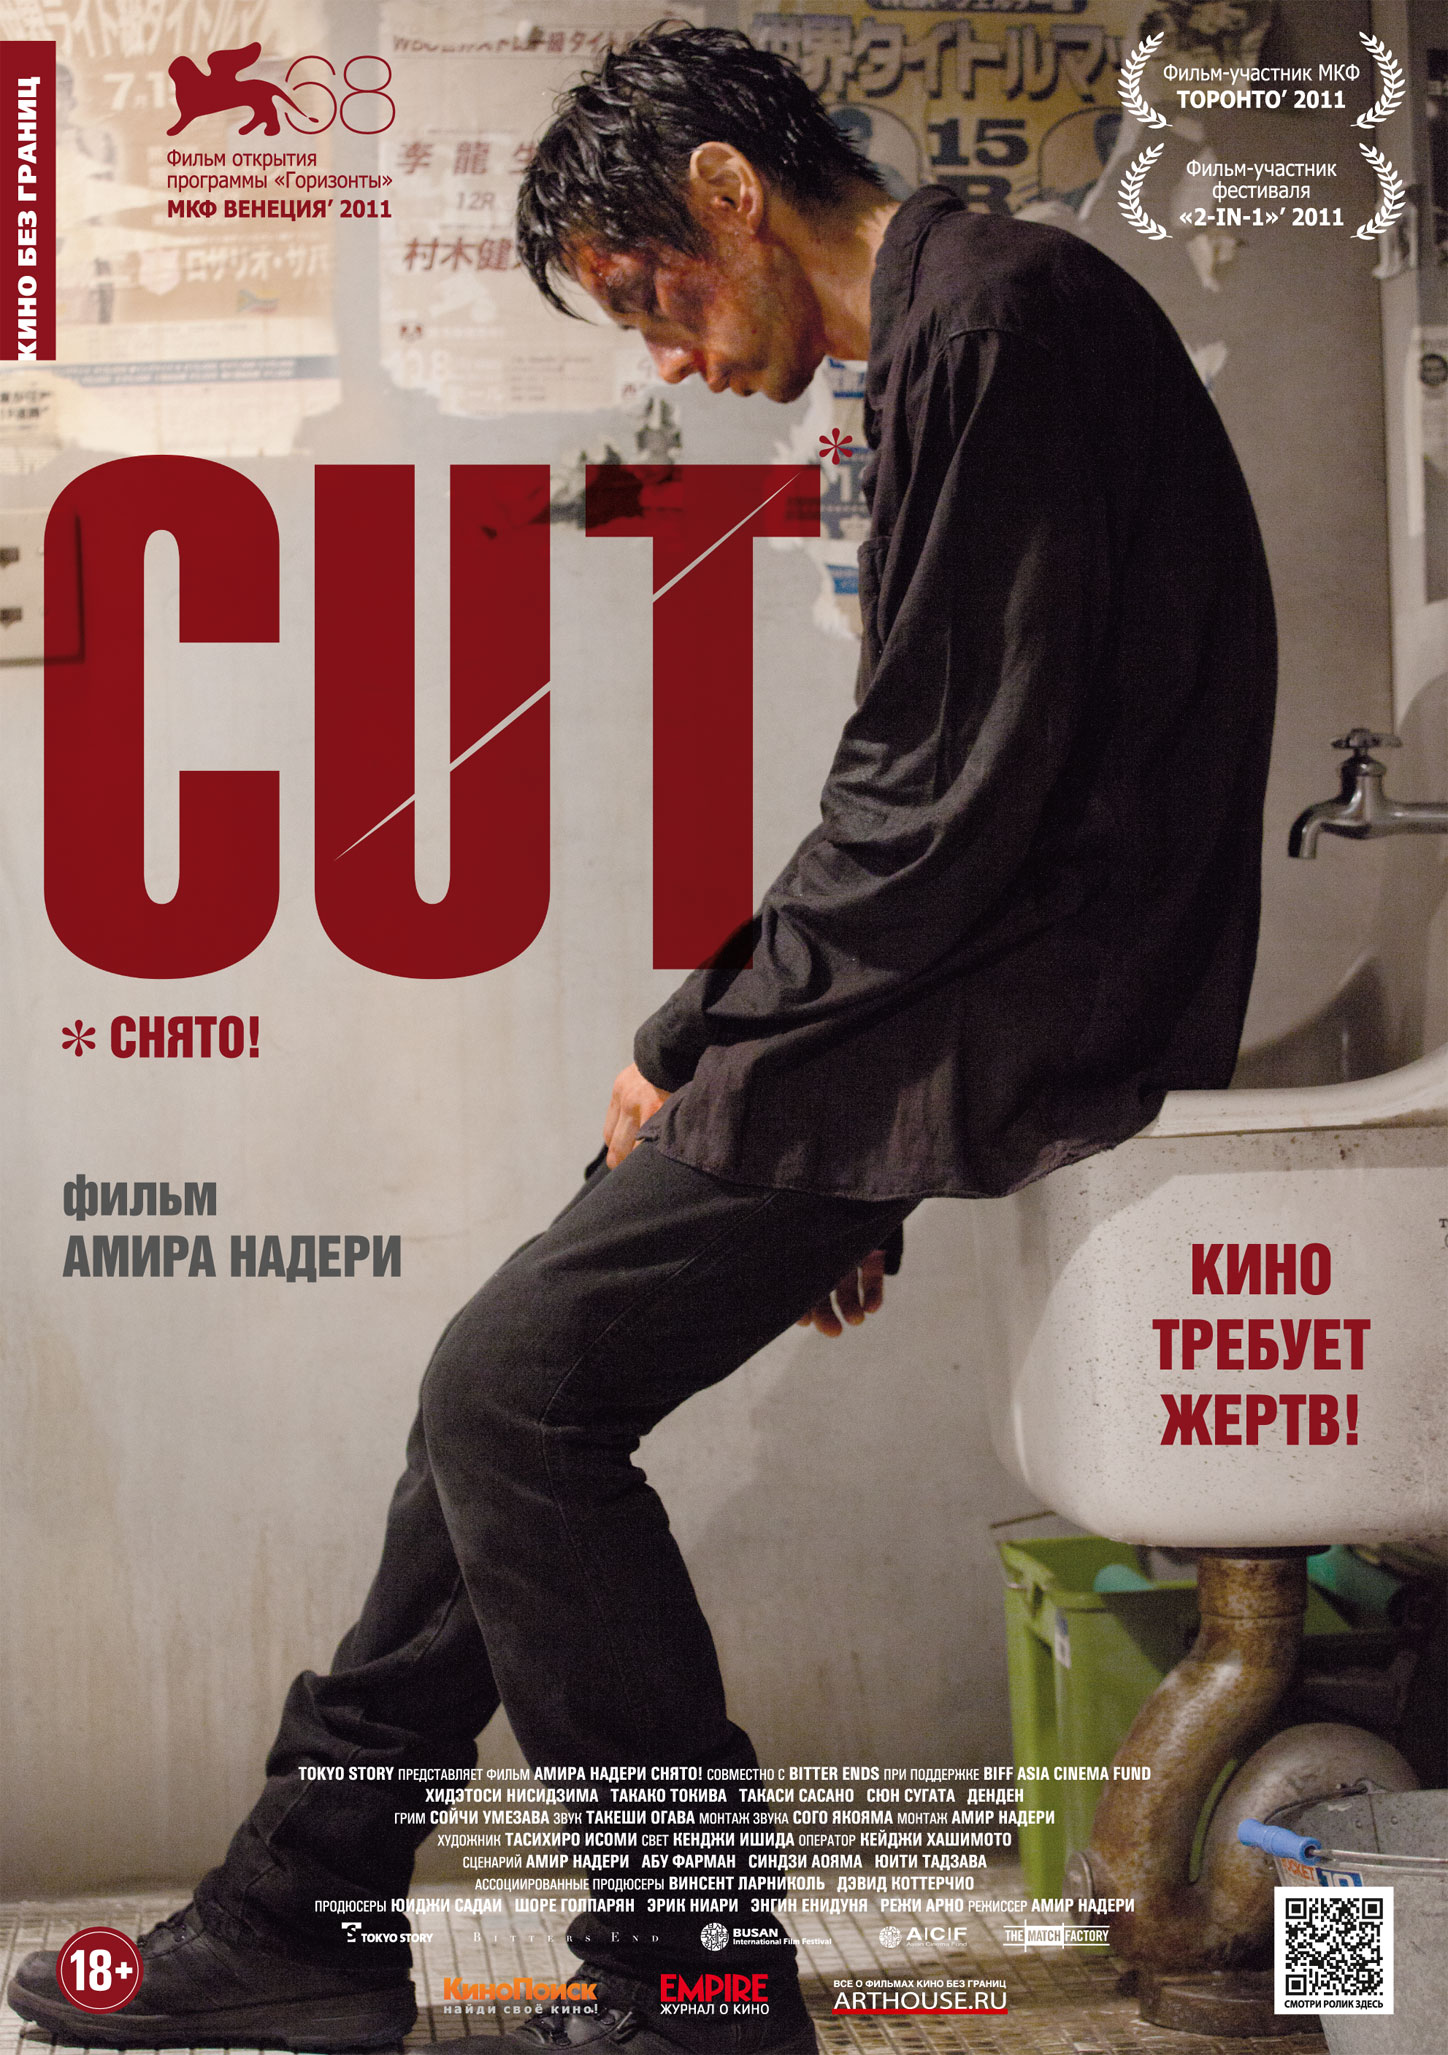 плакат фильма постер локализованные Снято!